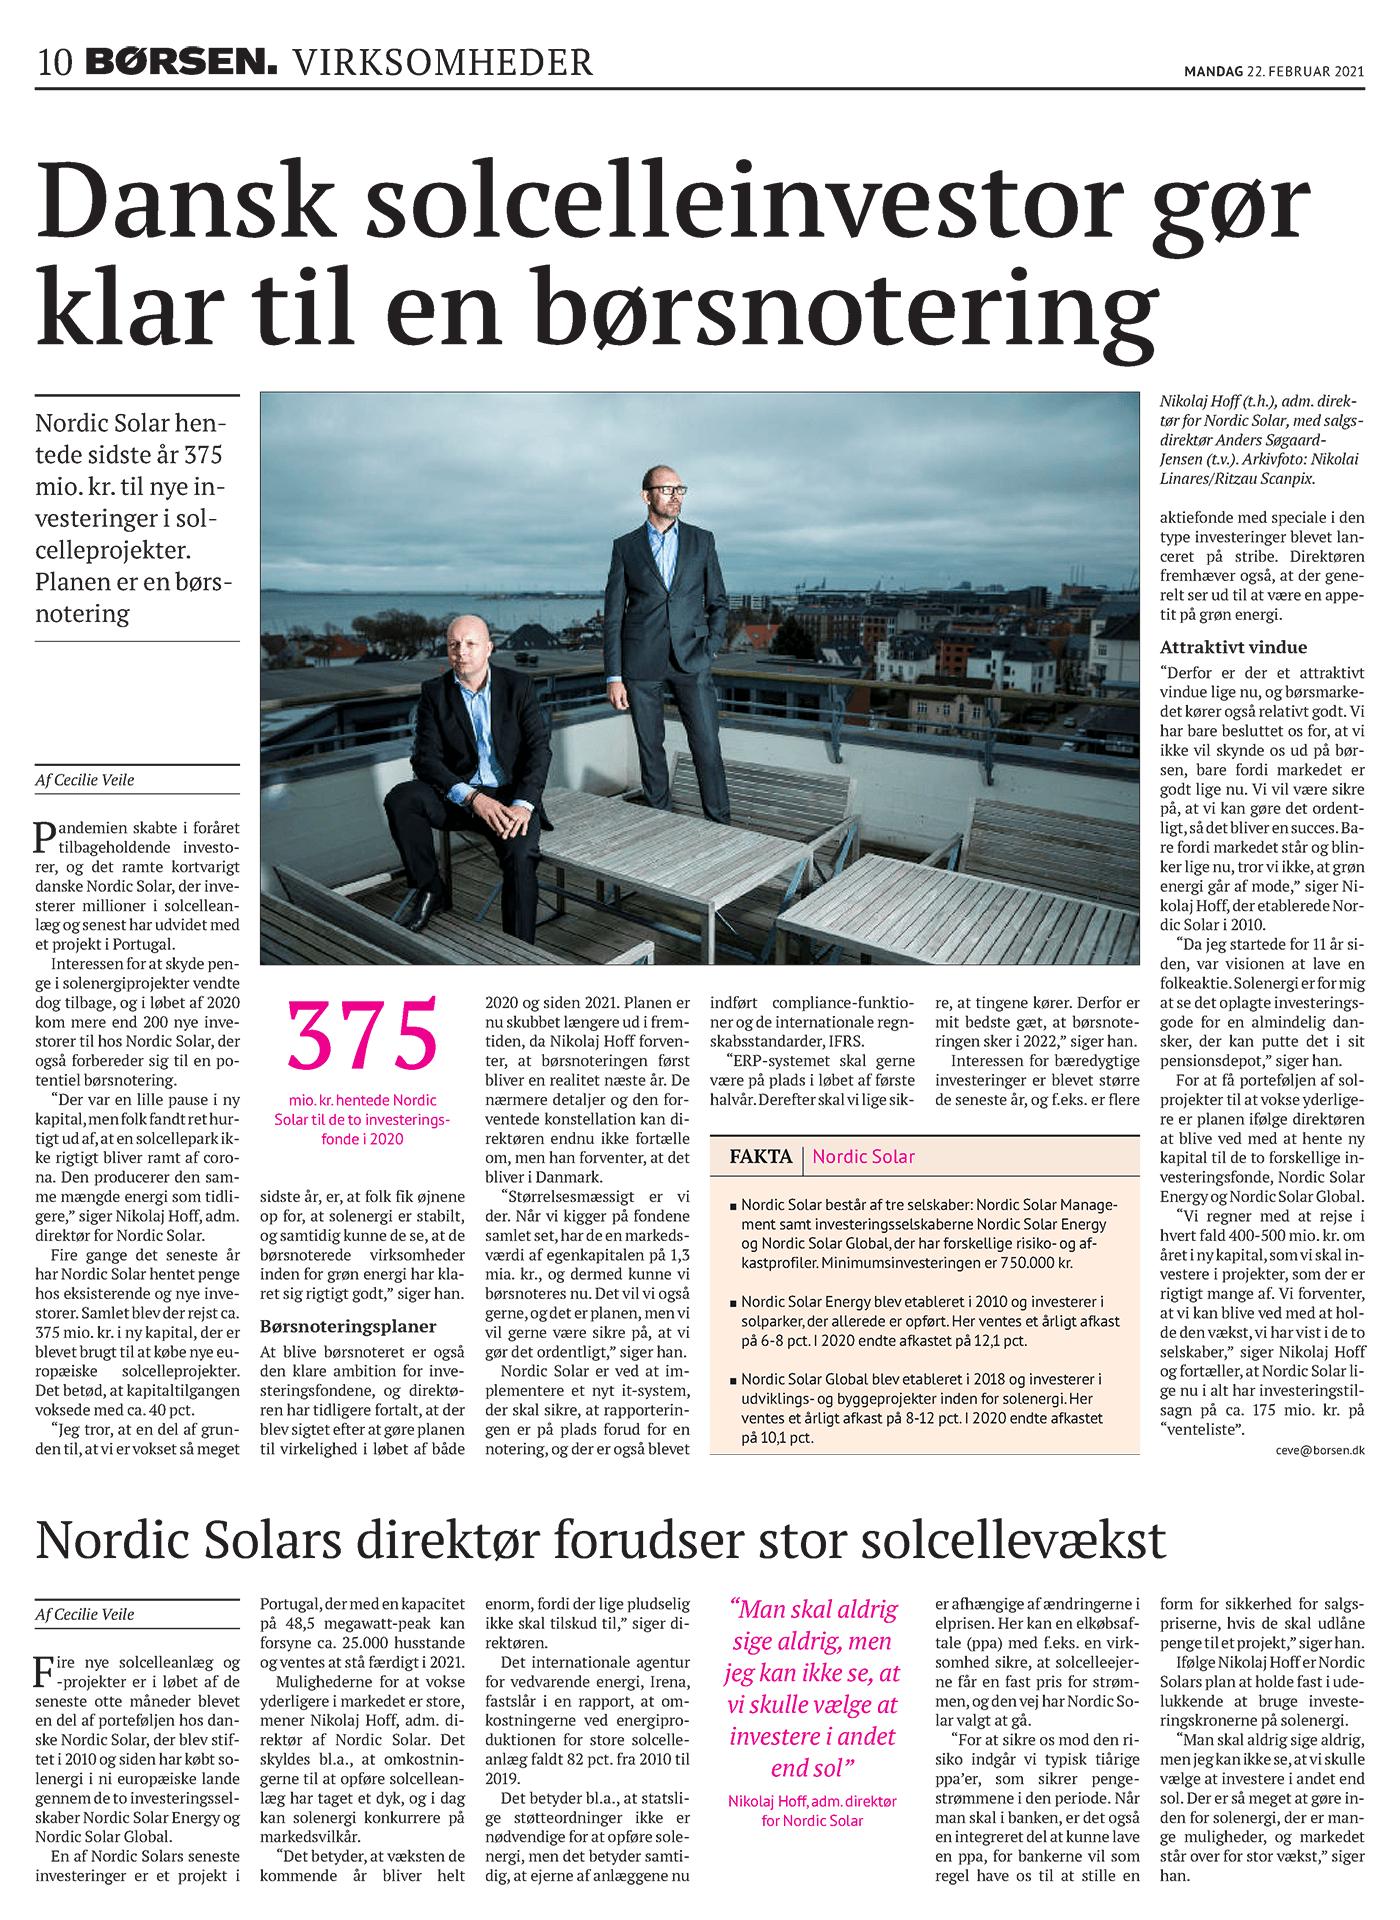 Dansk solcelleinvestor gør klar til en børsnotering